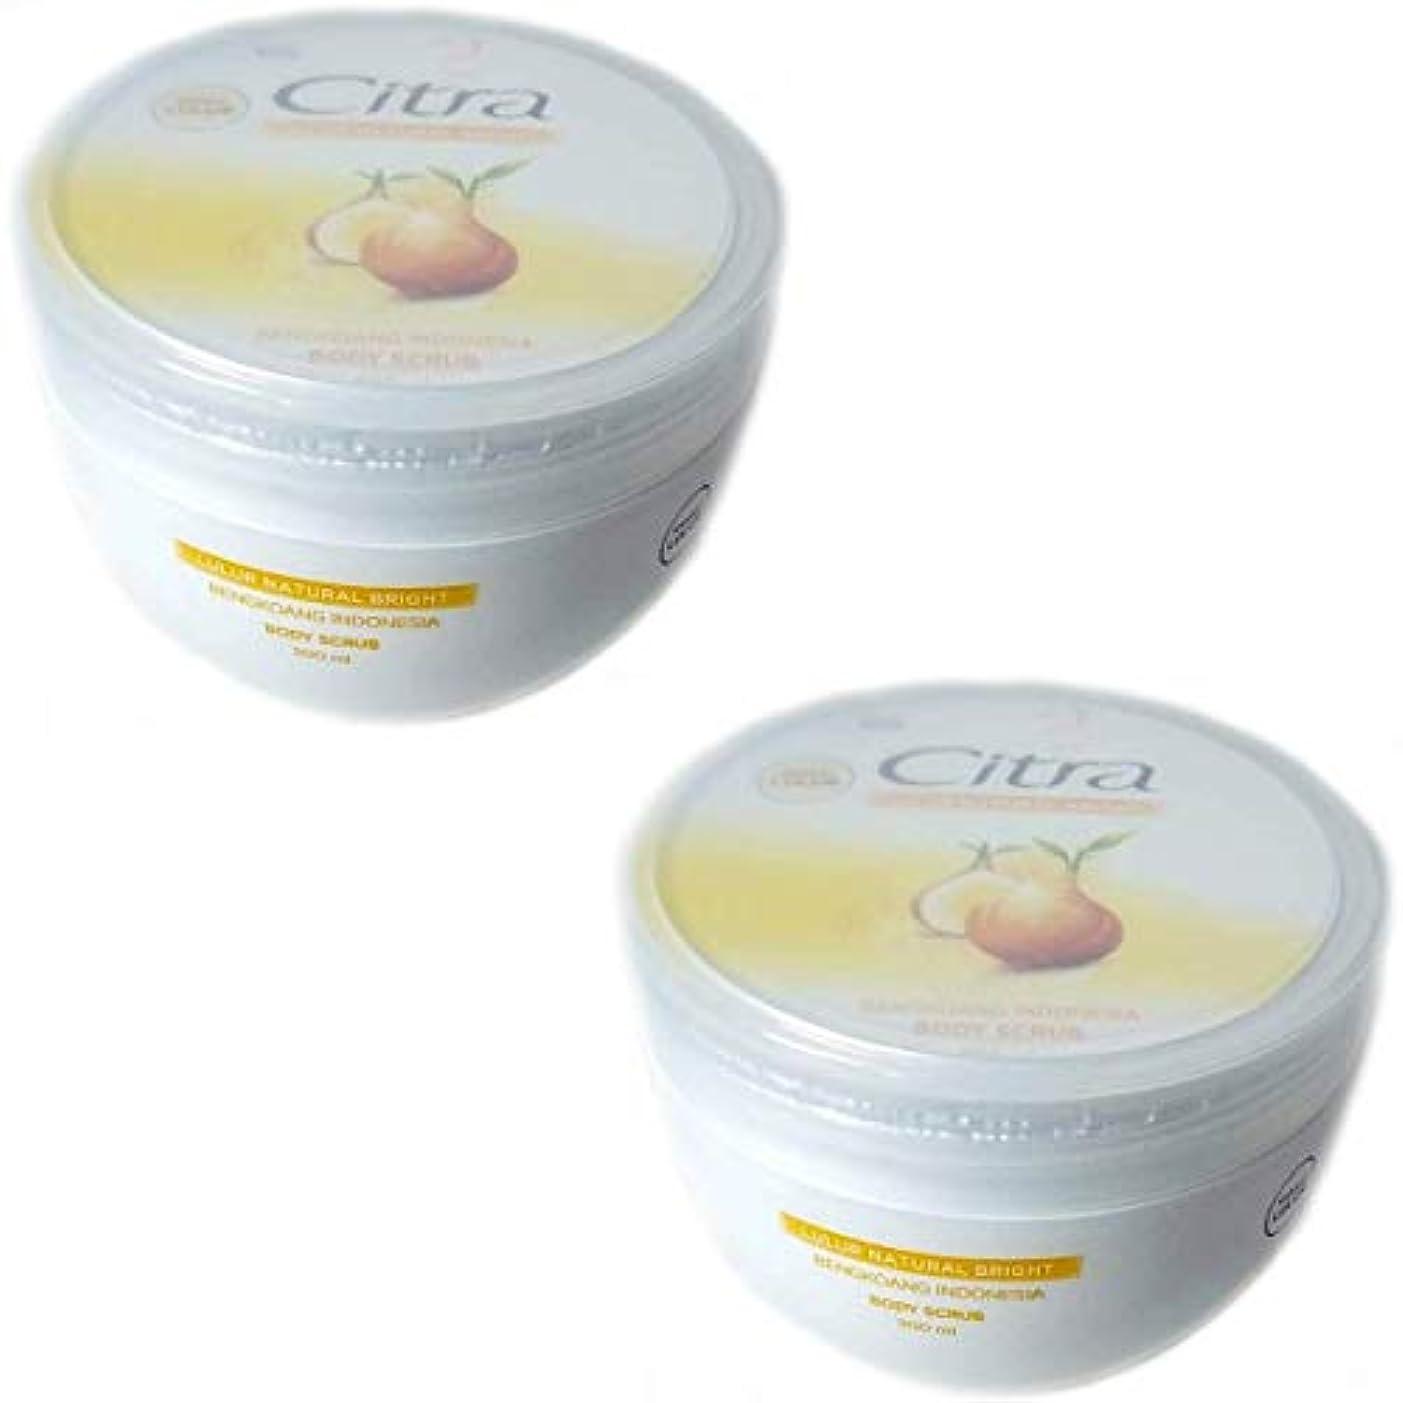 Citra チトラ ボディスクラブ Lulur Natural Bright ブンコアン 200ml × 2個セット [海外直送品]